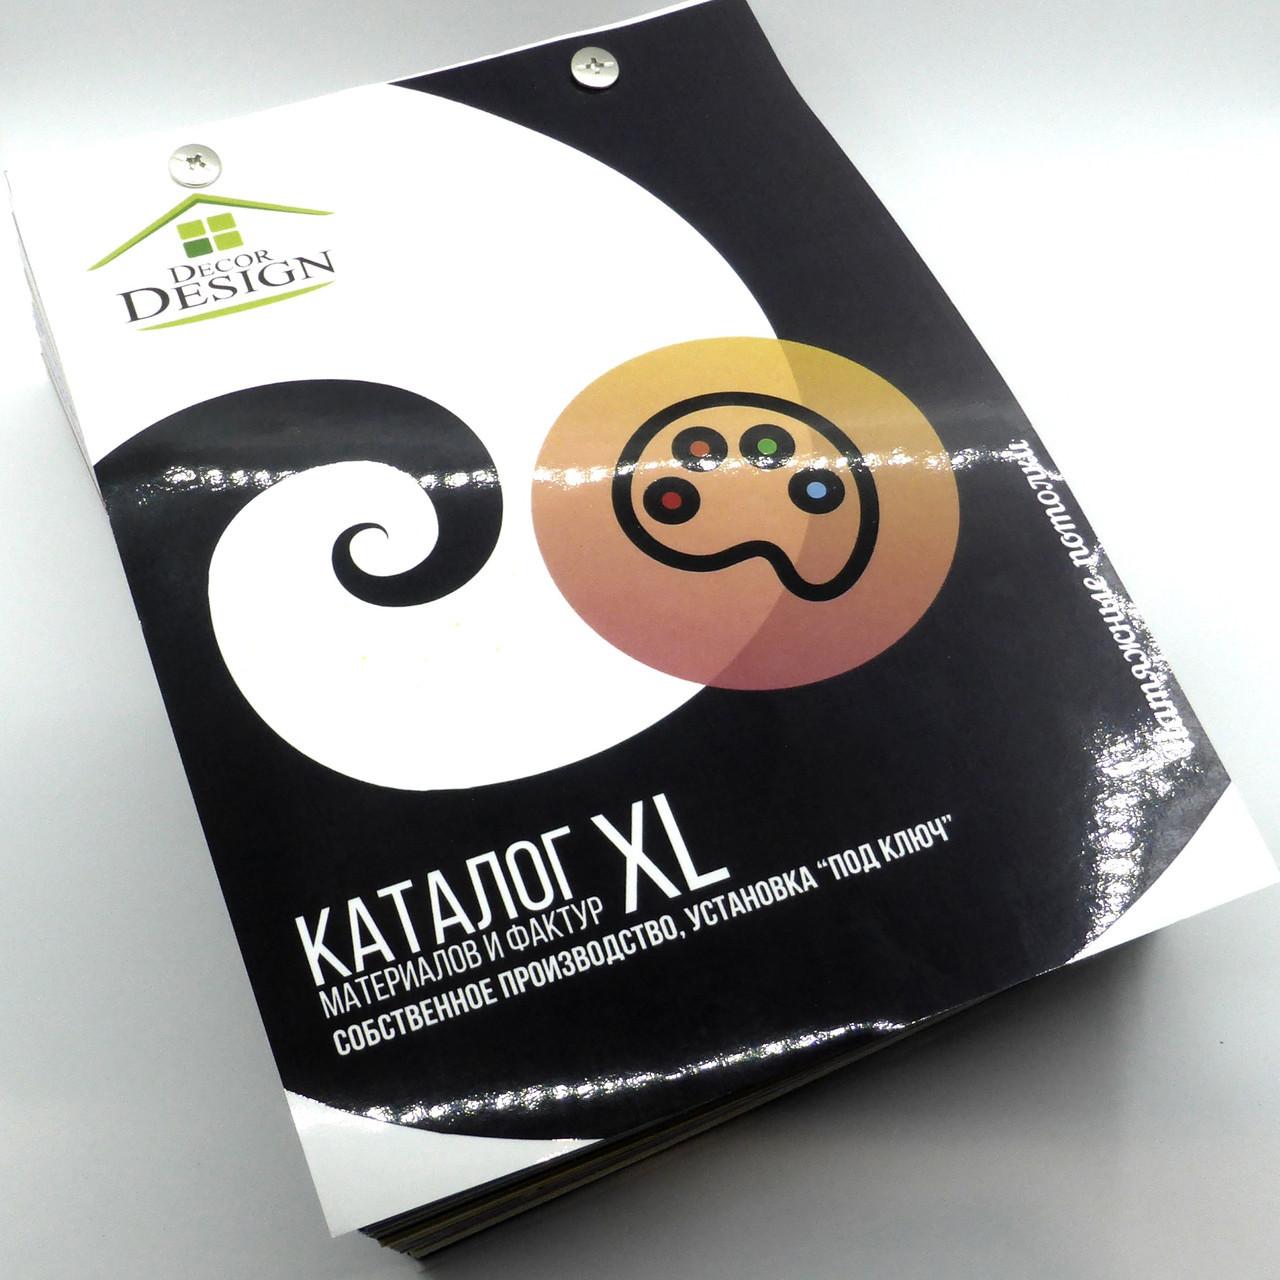 Промо материал. Каталог материалов и фактур XL